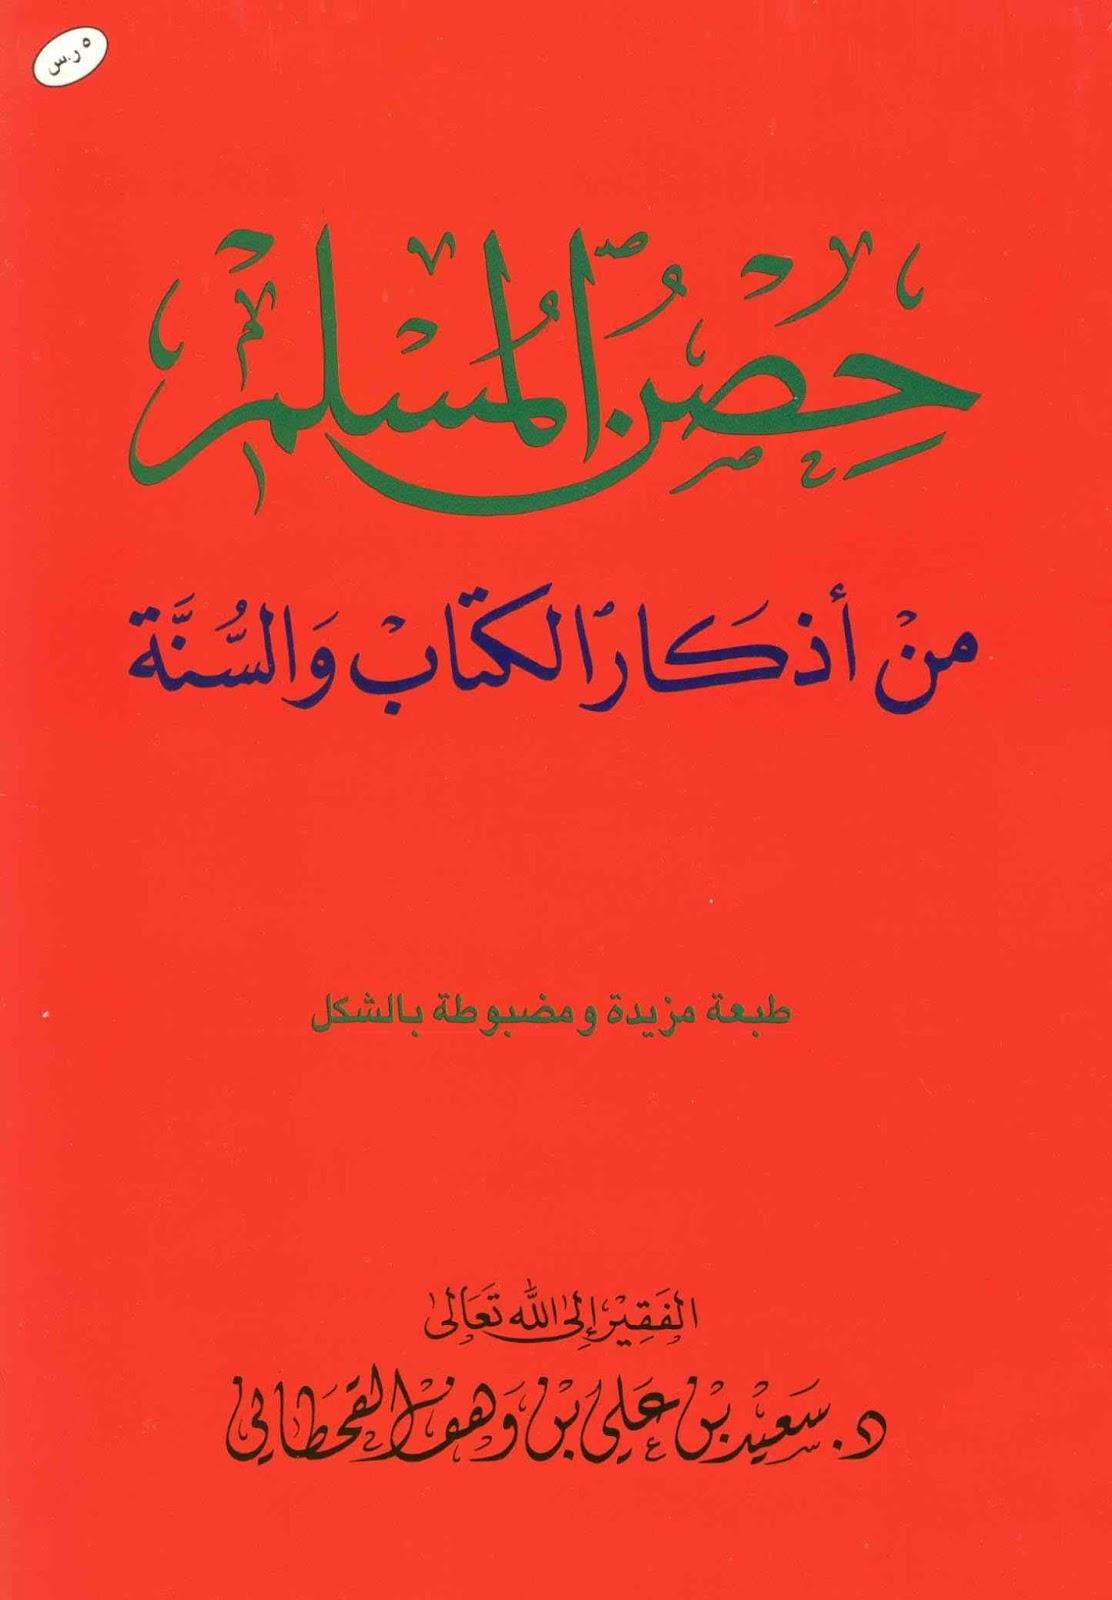 كتاب حصن المسلم بالانجليزي